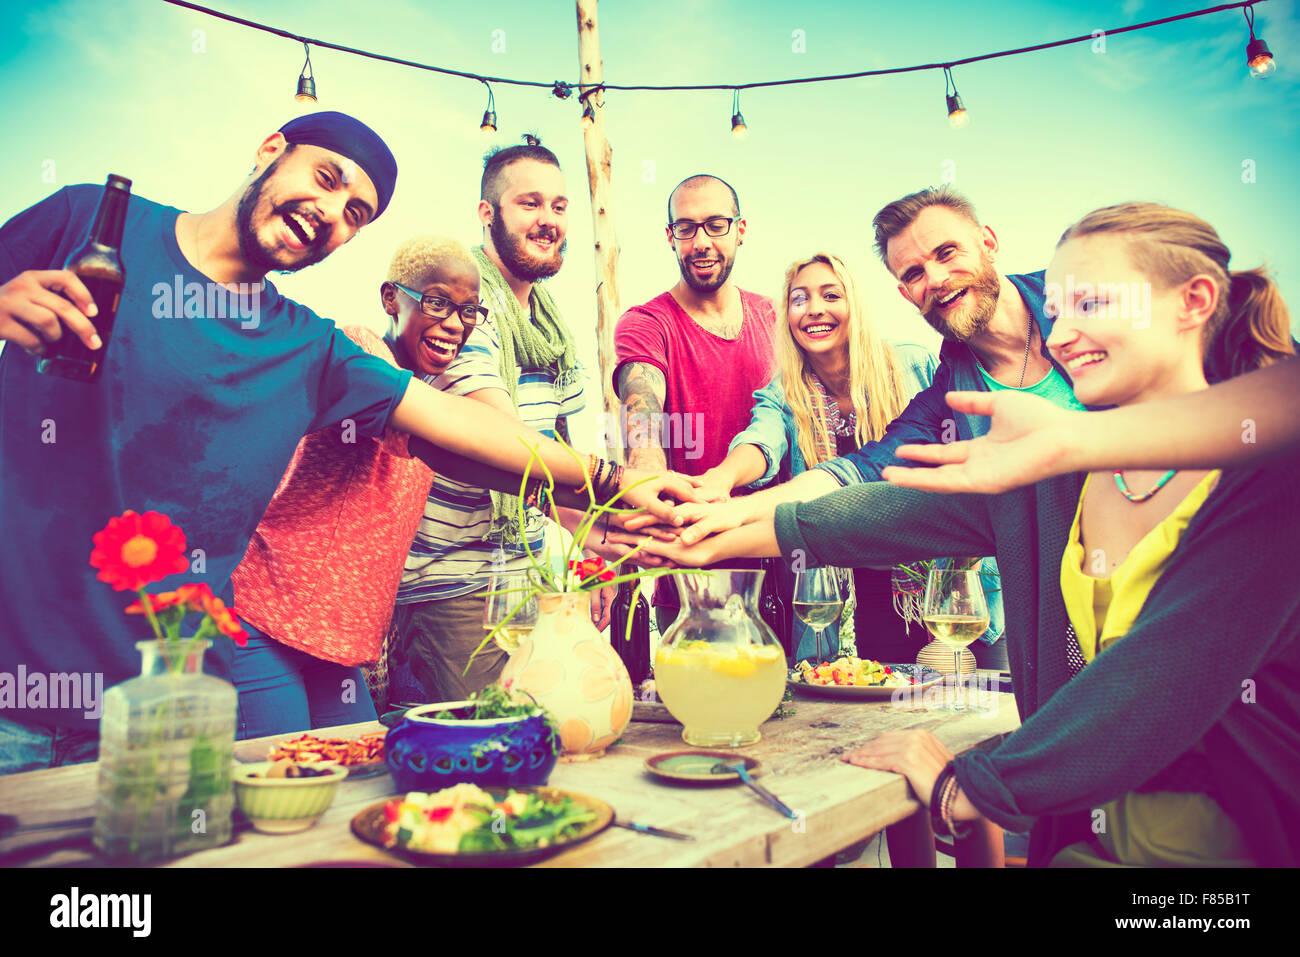 Diverse Beach Summer Friends Fun Teamwork Concept - Stock Image